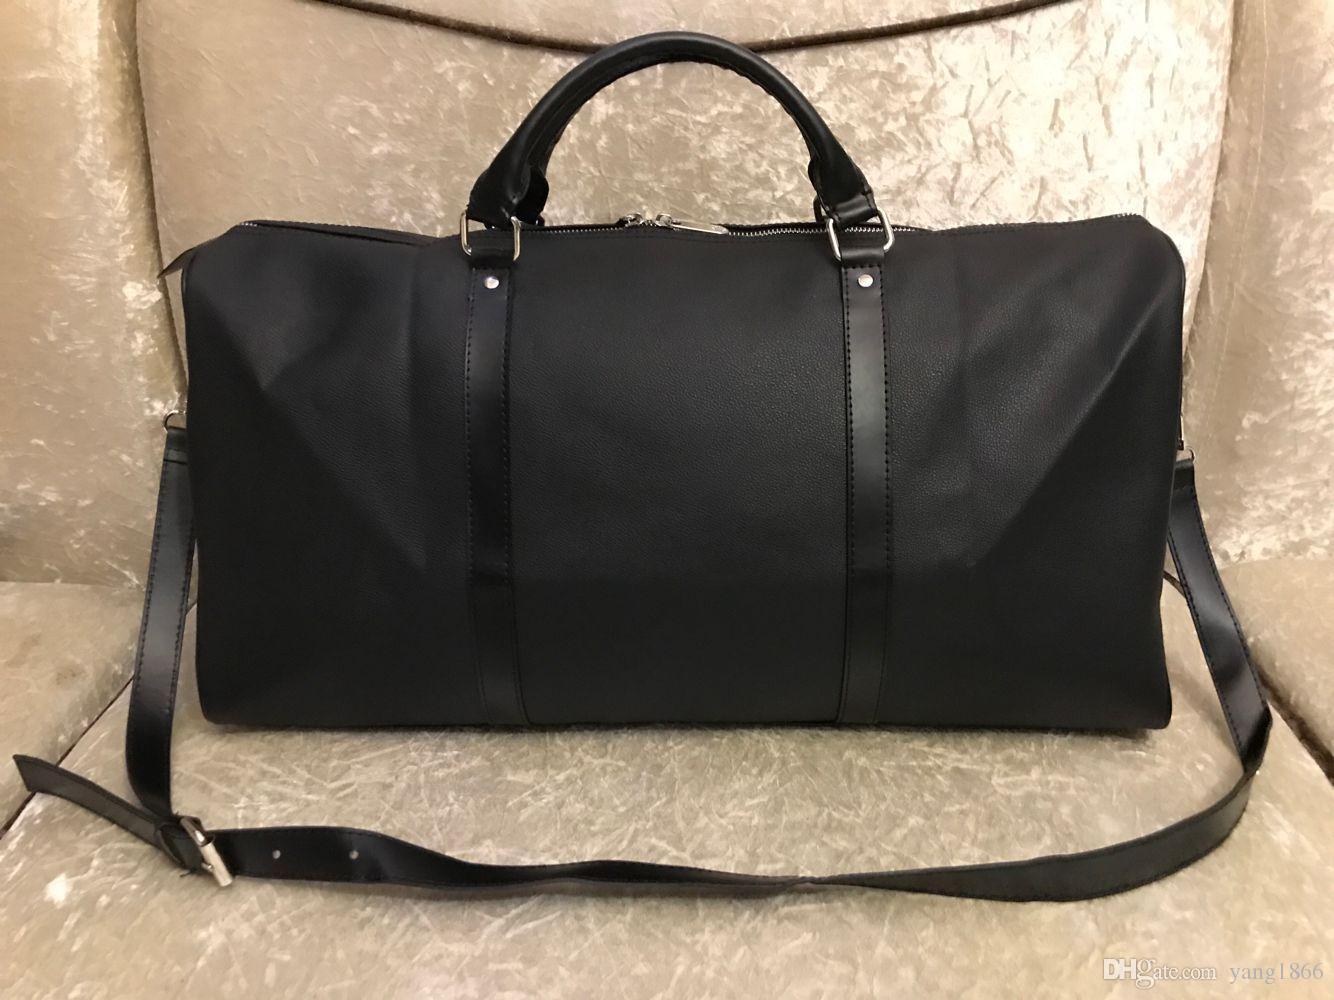 Vendita calda uomo borse da donna borse da viaggio bagaglio a mano bagaglio borsa da viaggio uomini PU borse in pelle di grandi dimensioni borse a croce borsetto 55 cm